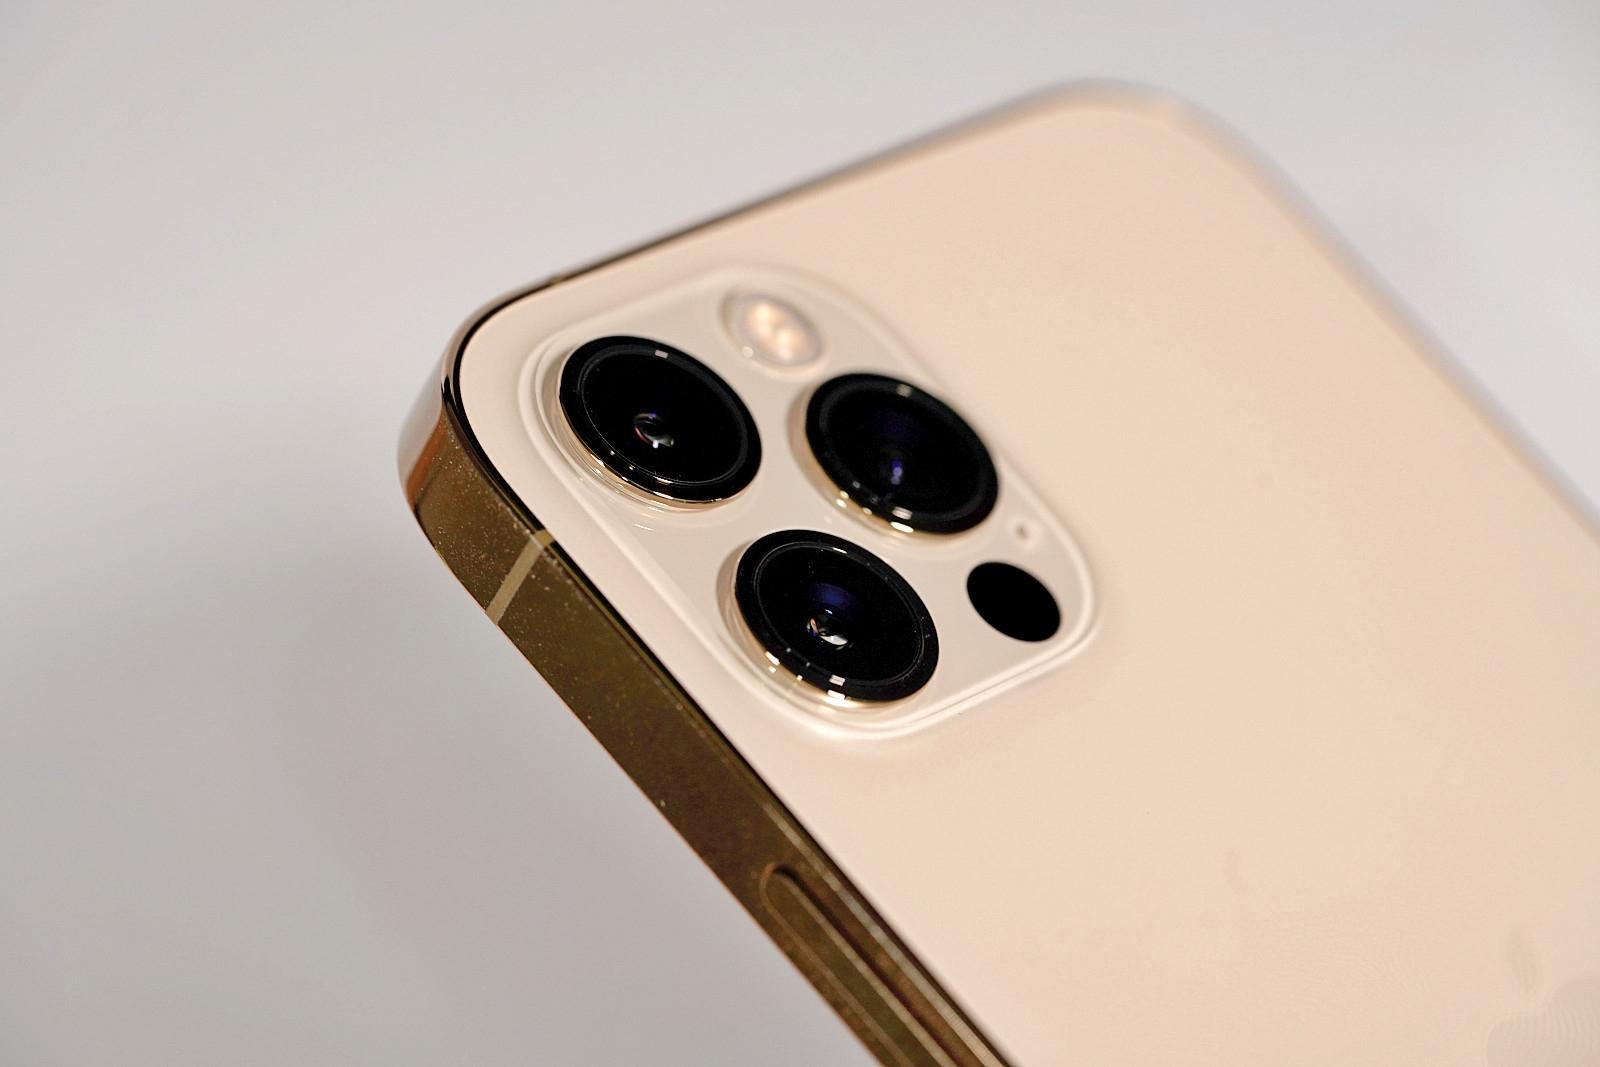 苹果新一代iPhone 12s曝光:最大升级特点在此